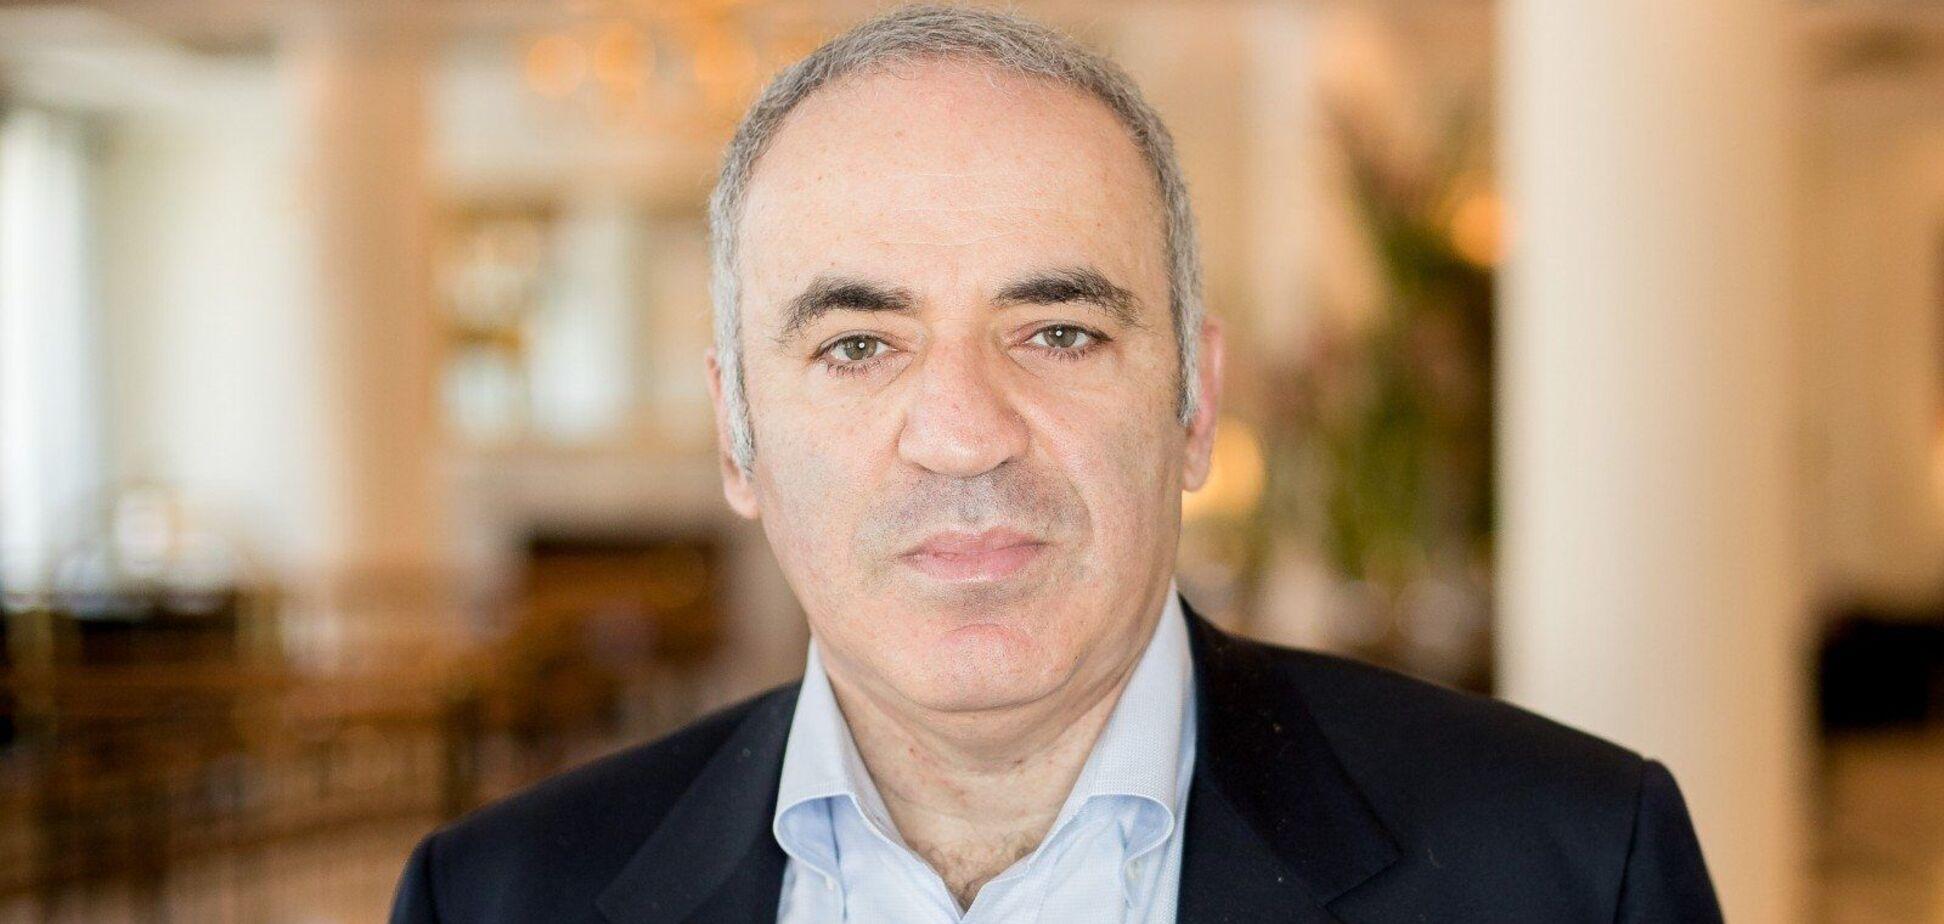 Гаррі Каспаров пояснив, чим небезпечний кінець режиму Путіна